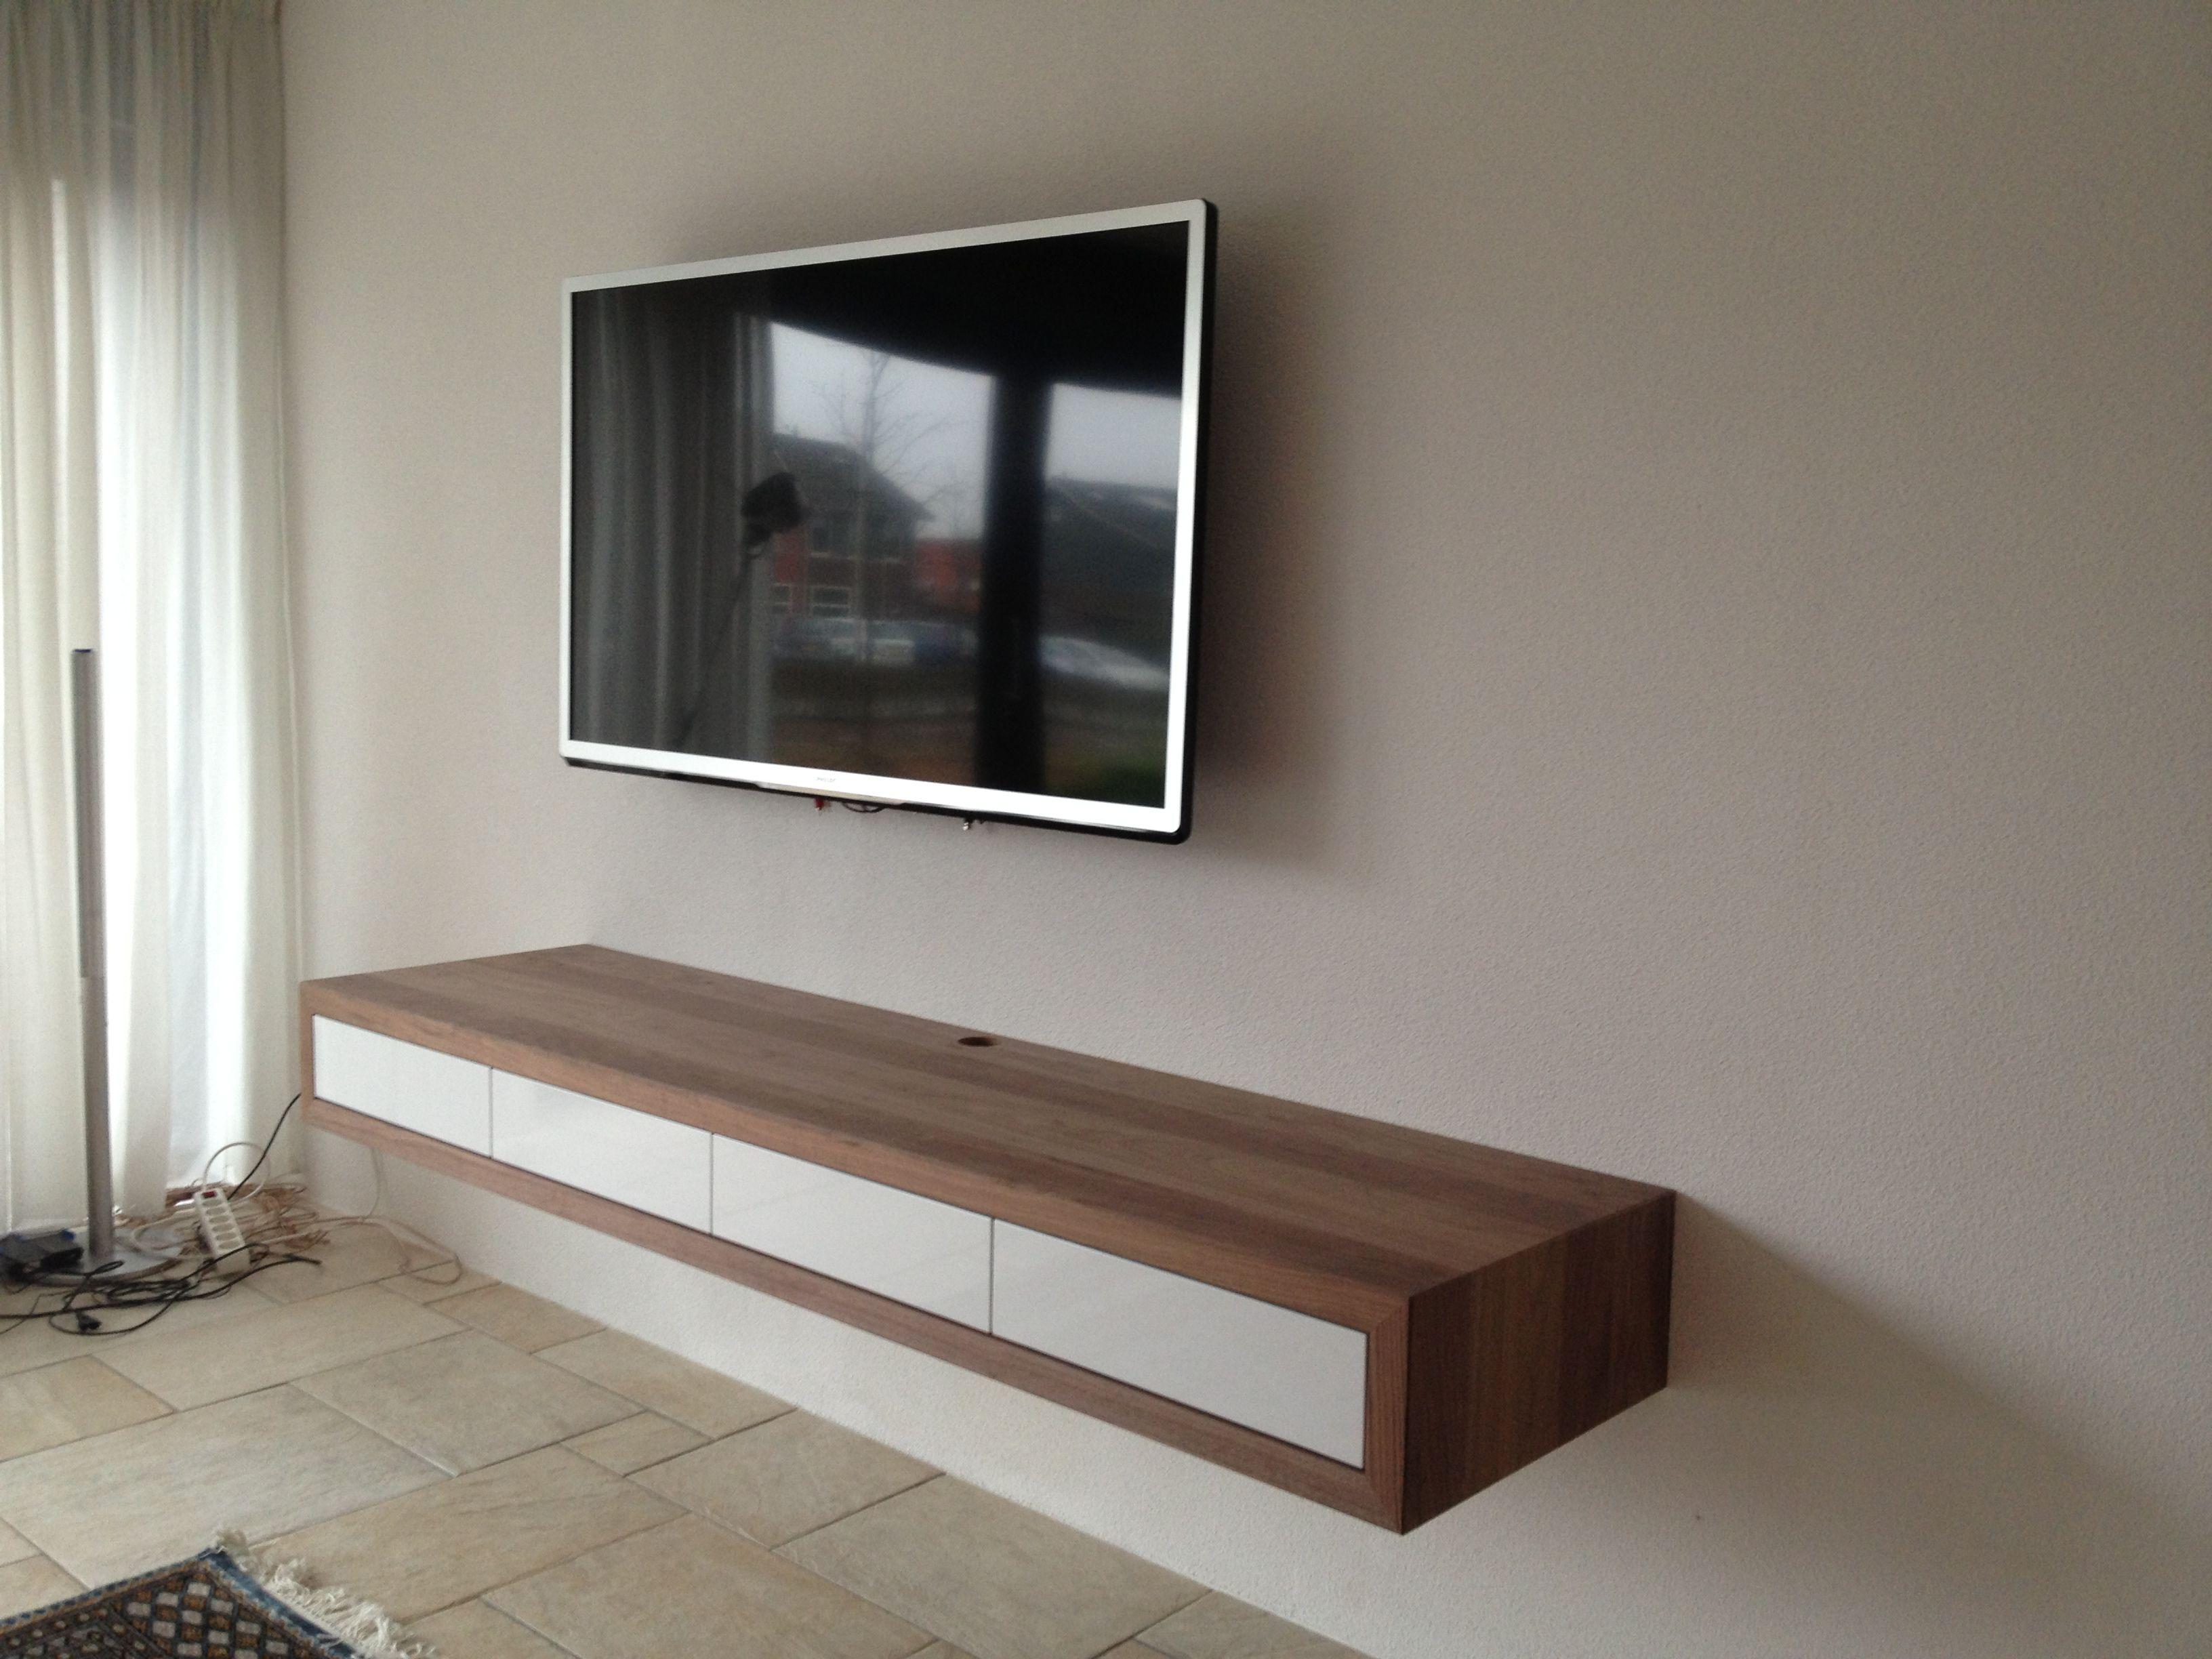 Wandmeubel zwevend ~ Zwevend tv meubel op maat gemaakt tvkast tv furniture